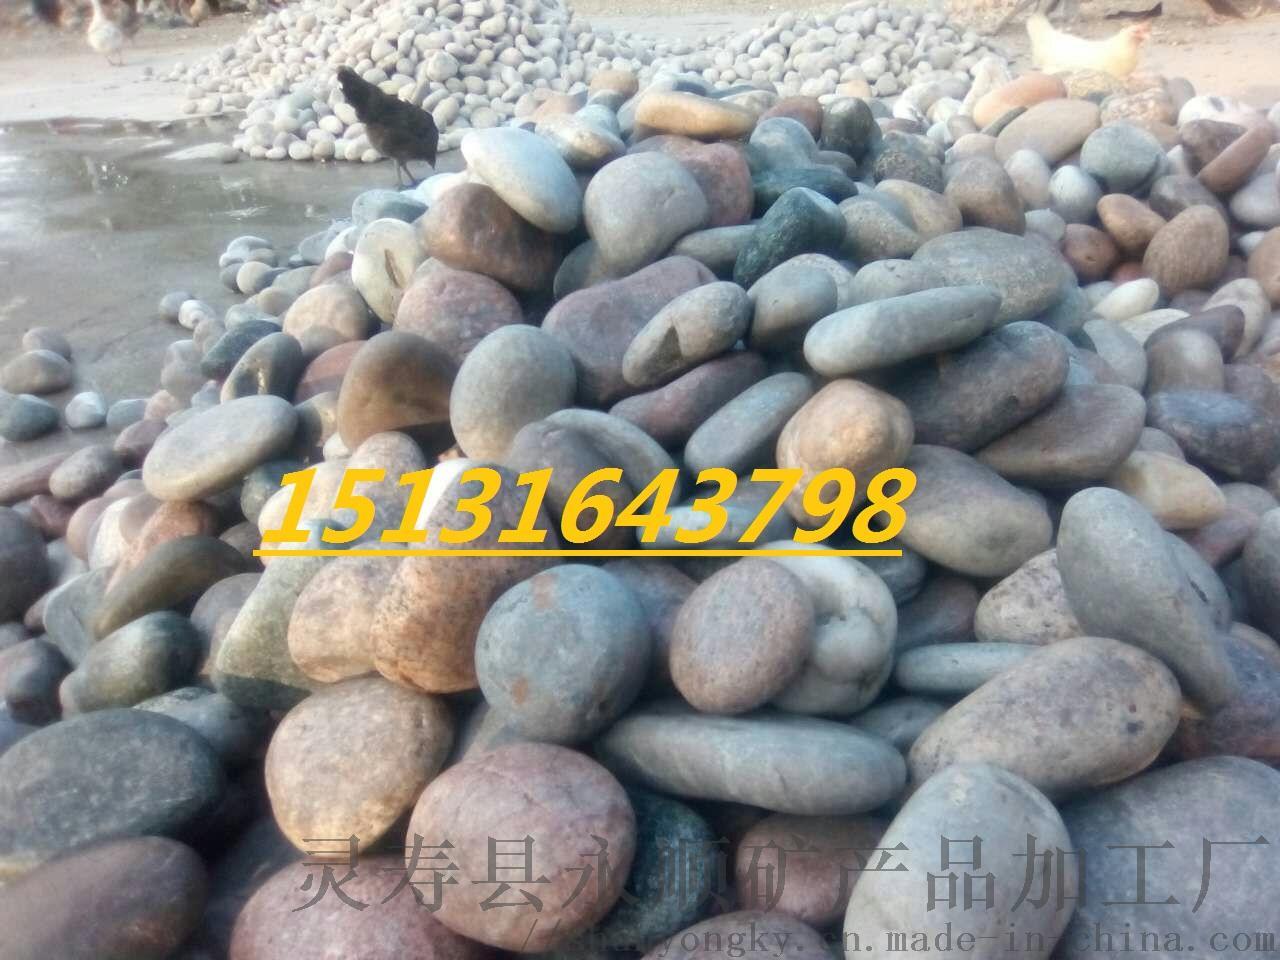 濮陽2-6釐米鵝卵石   永順鋪路鵝卵石直銷